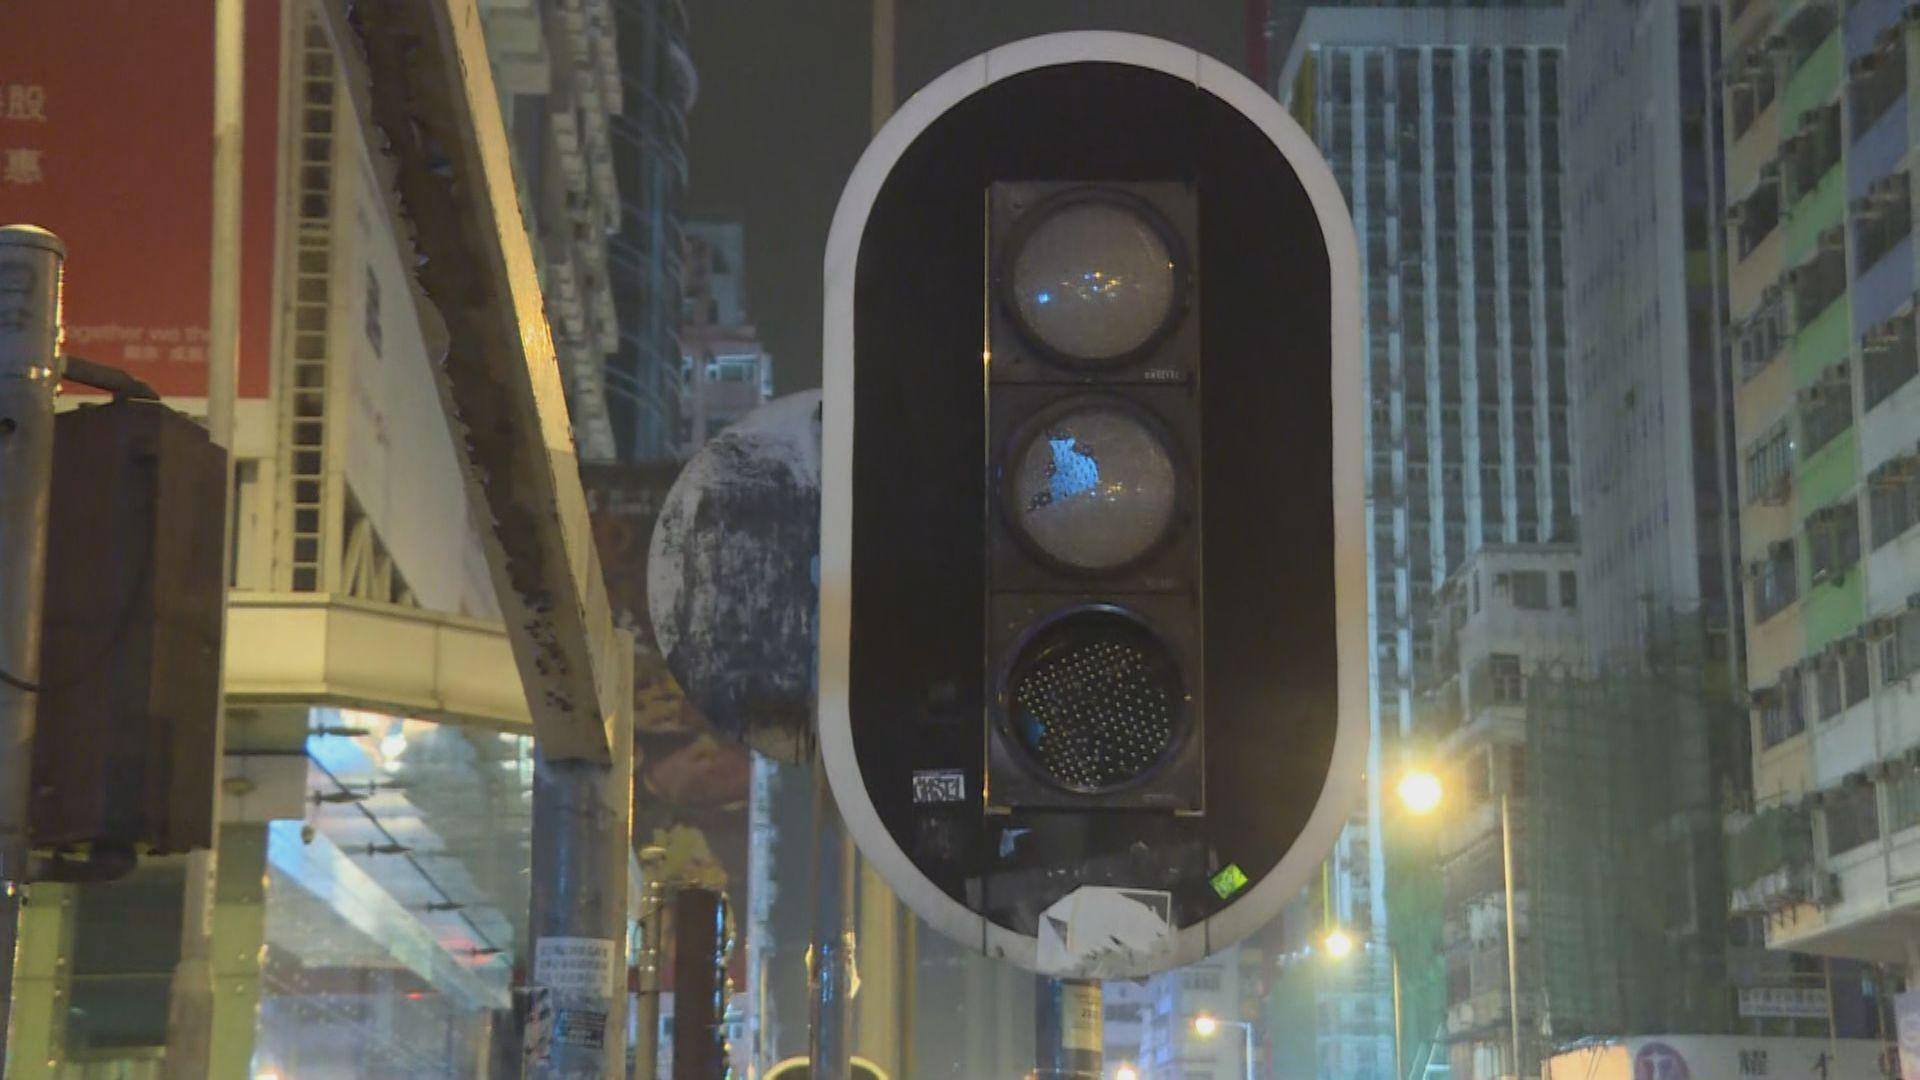 旺角衝突後 彌敦道有交通燈損壞